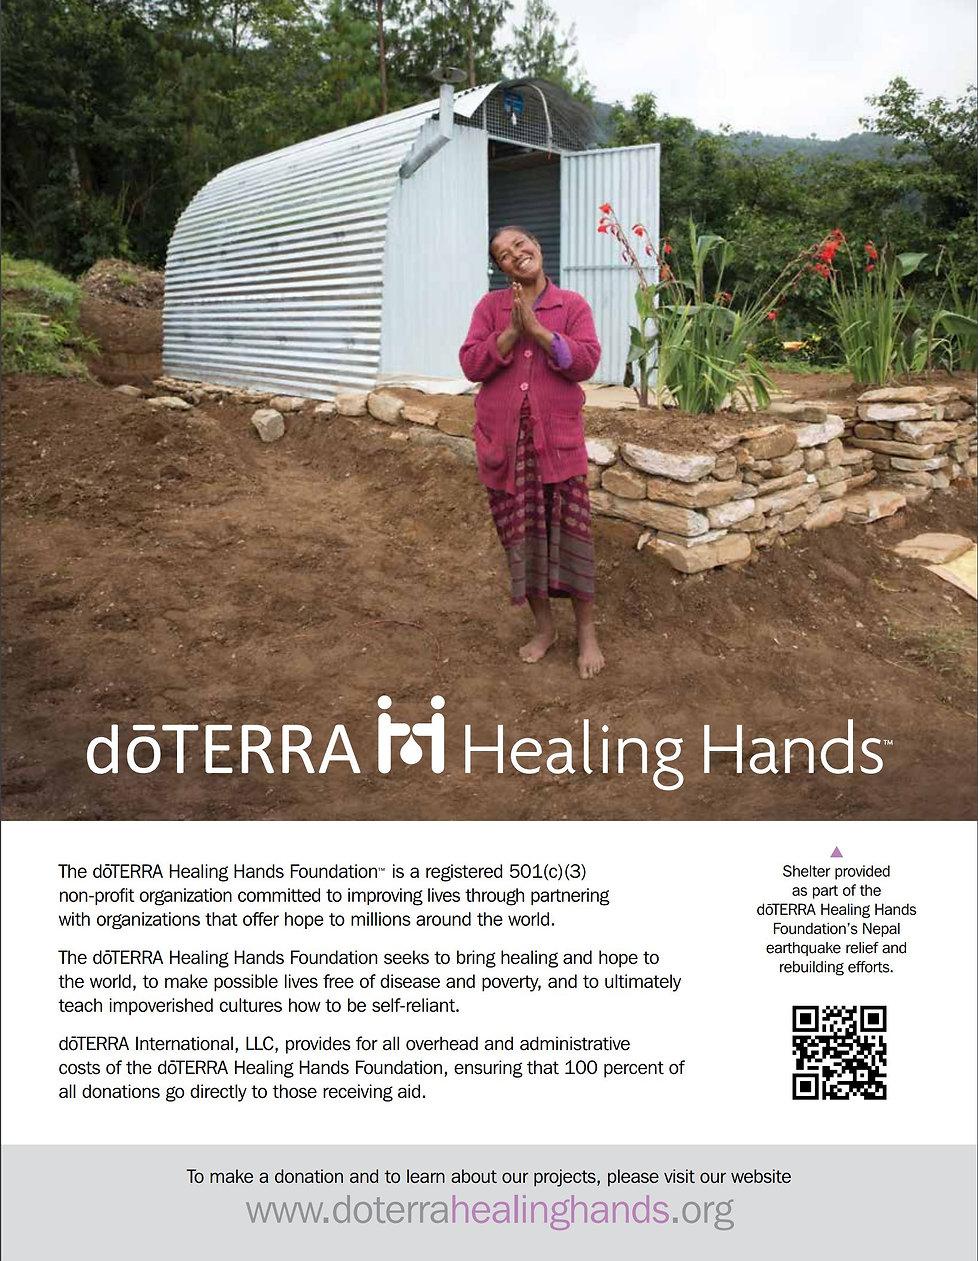 doTERRA Healing Hands